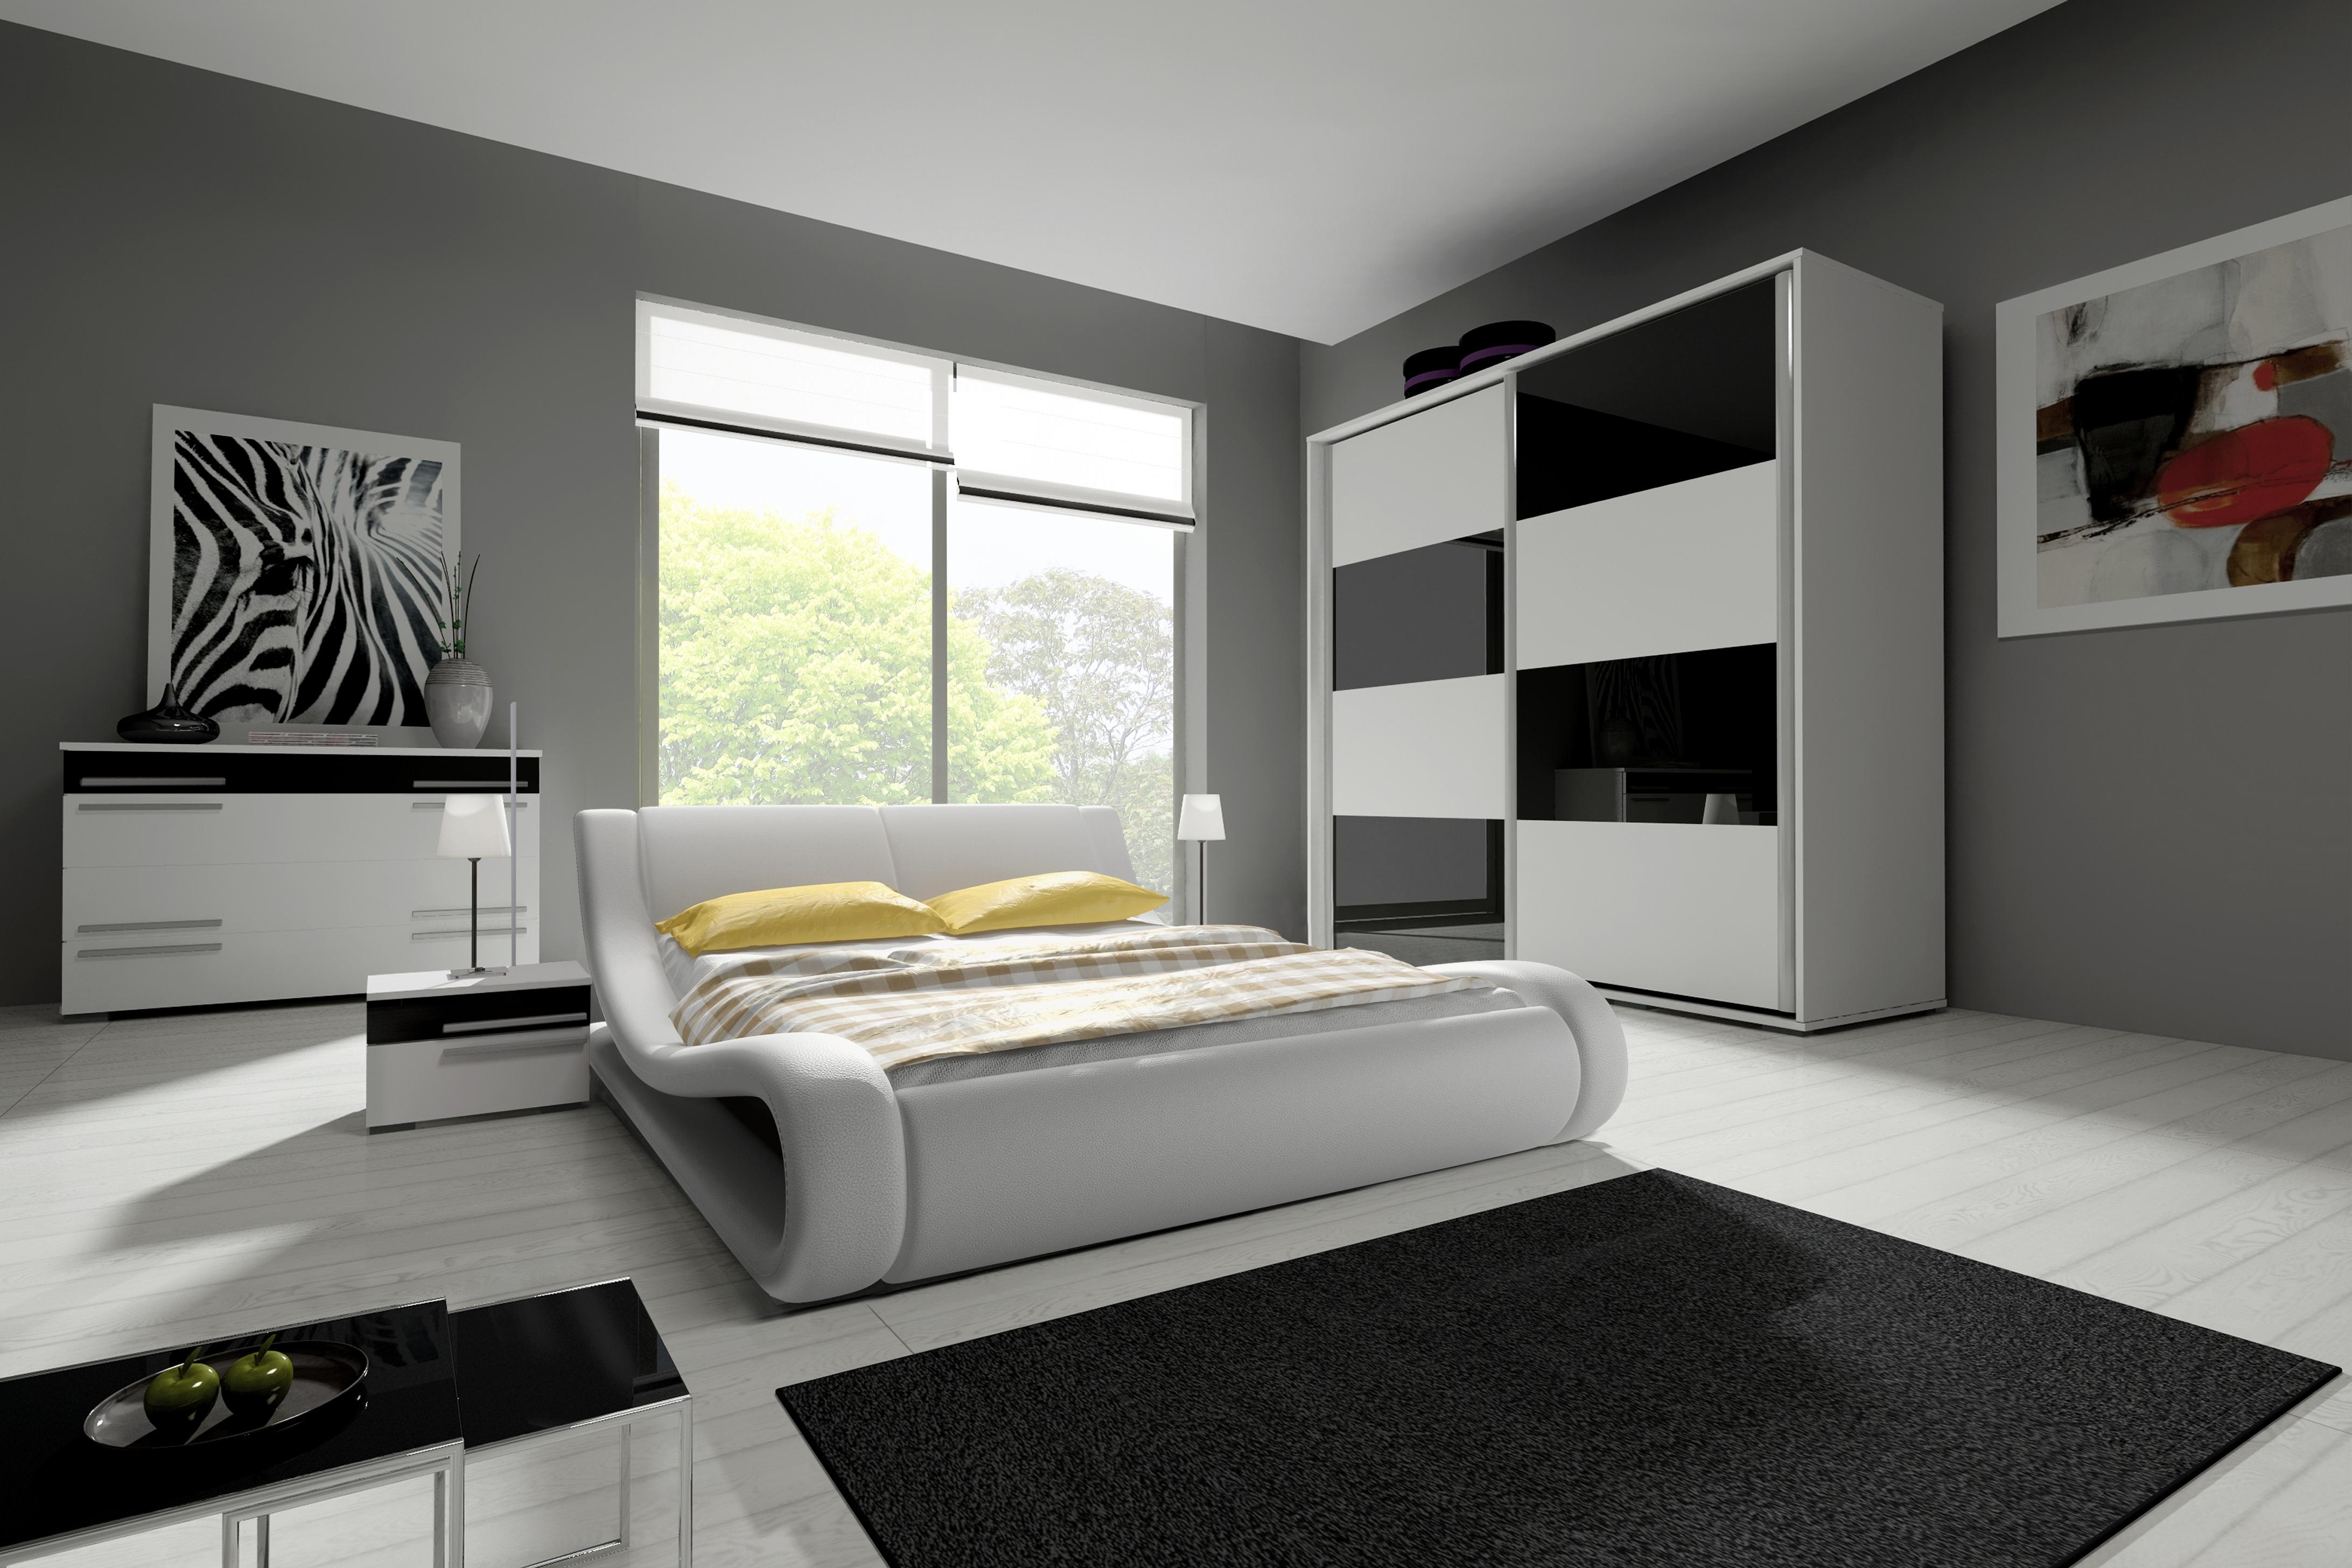 Ložnicová sestava KAYLA III (2x noční stolek, komoda, skříň 200, postel TRINITY 180x200), bílá/černá lesk